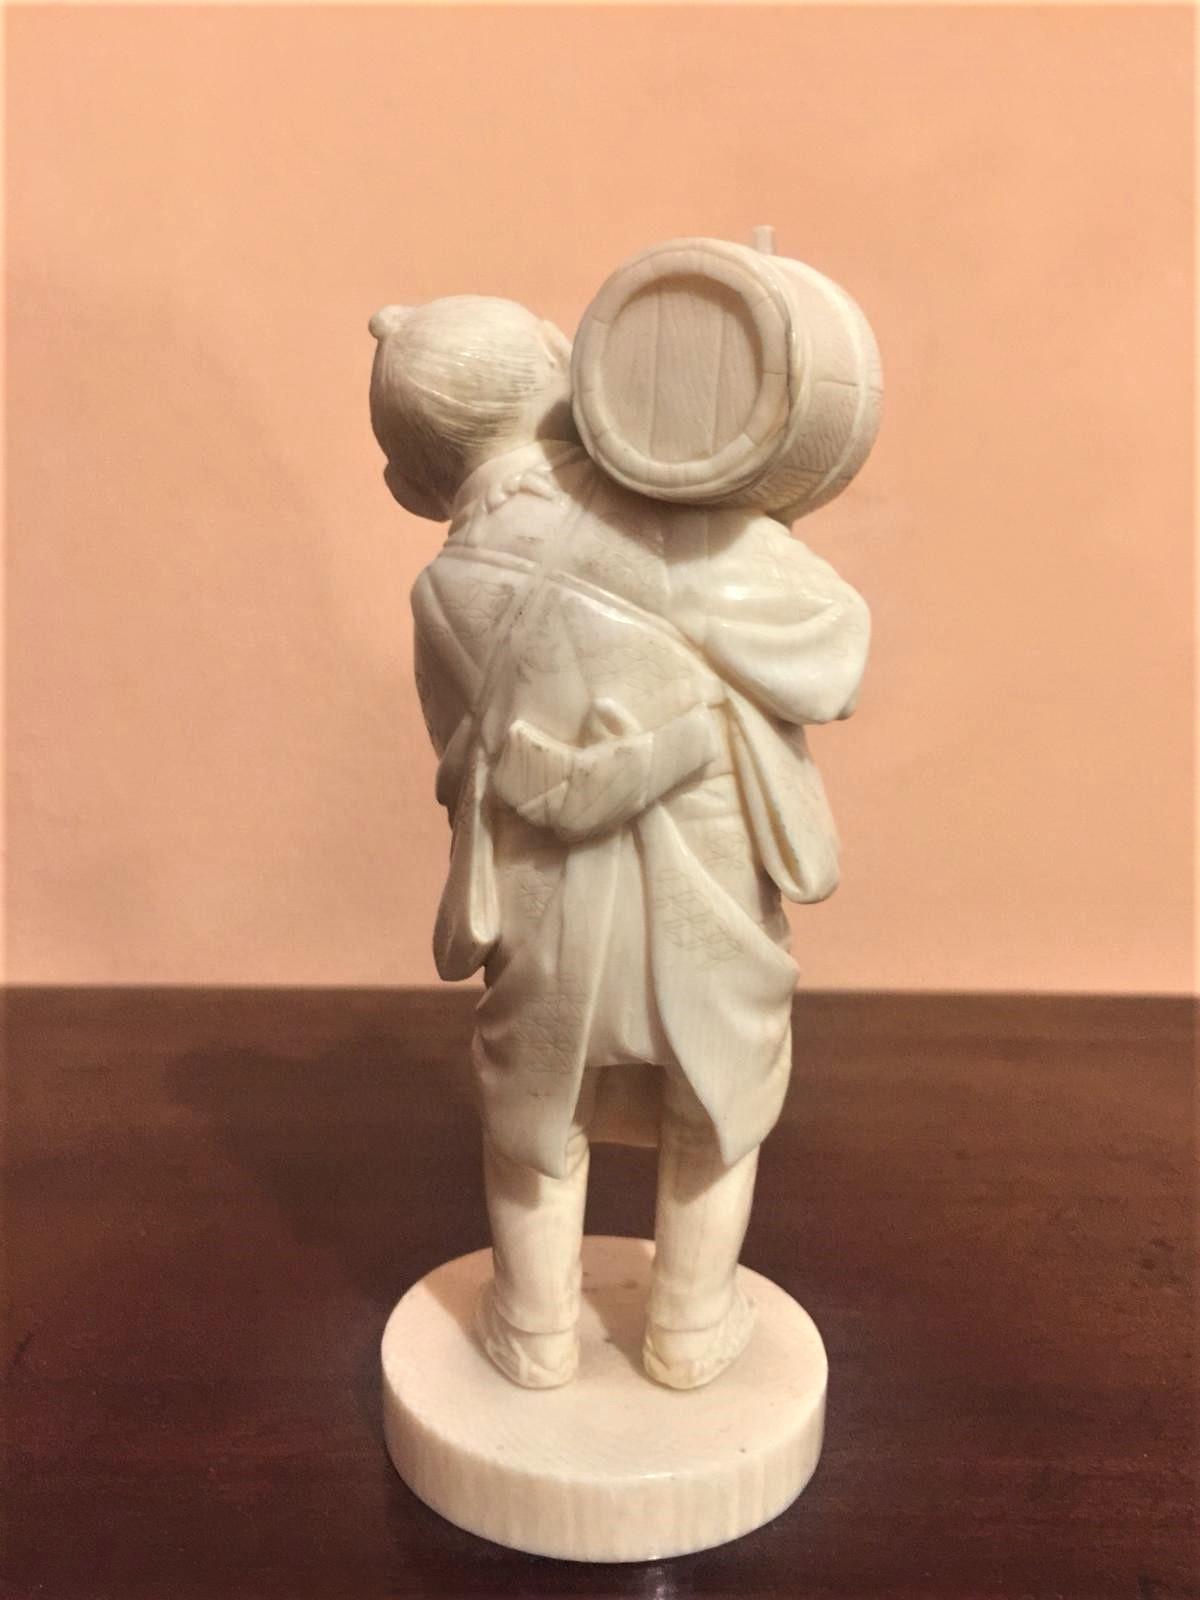 thumb3|Statuetta in avorio, contadino orientale, fine '800